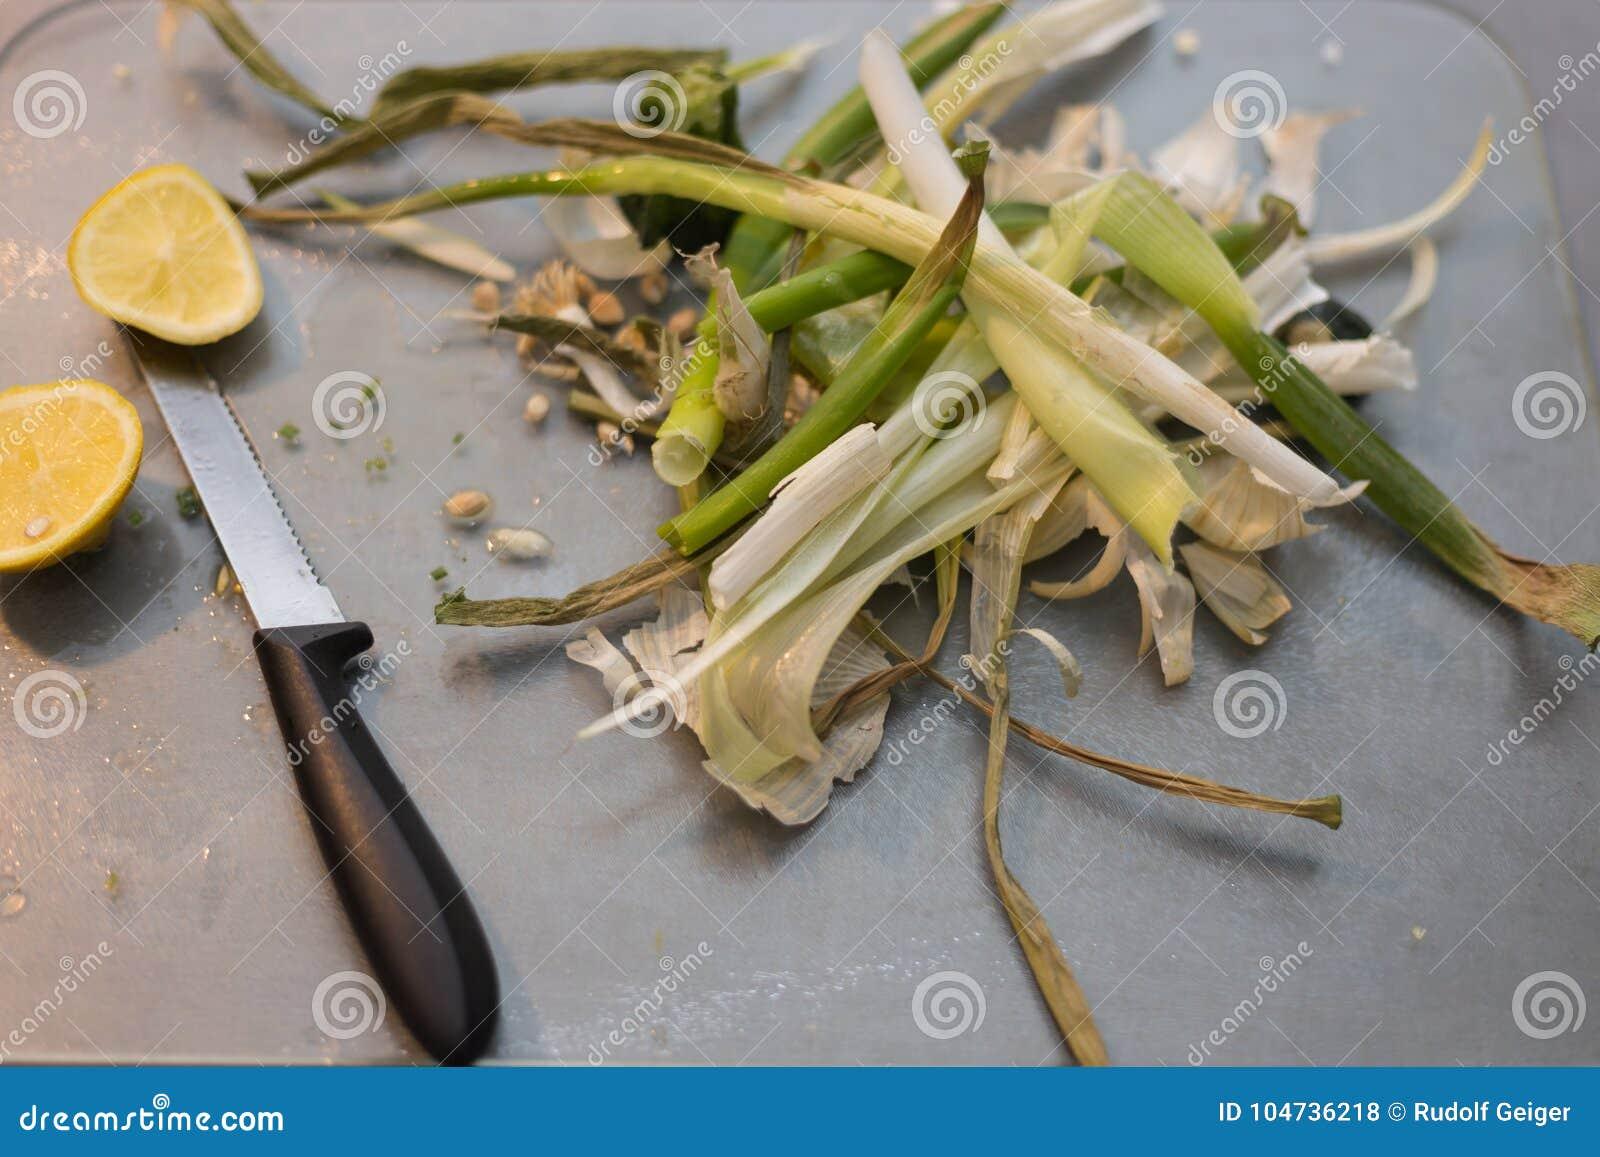 Geroosterde paprika met een aanraking van knoflook en citroenvoorbereiding